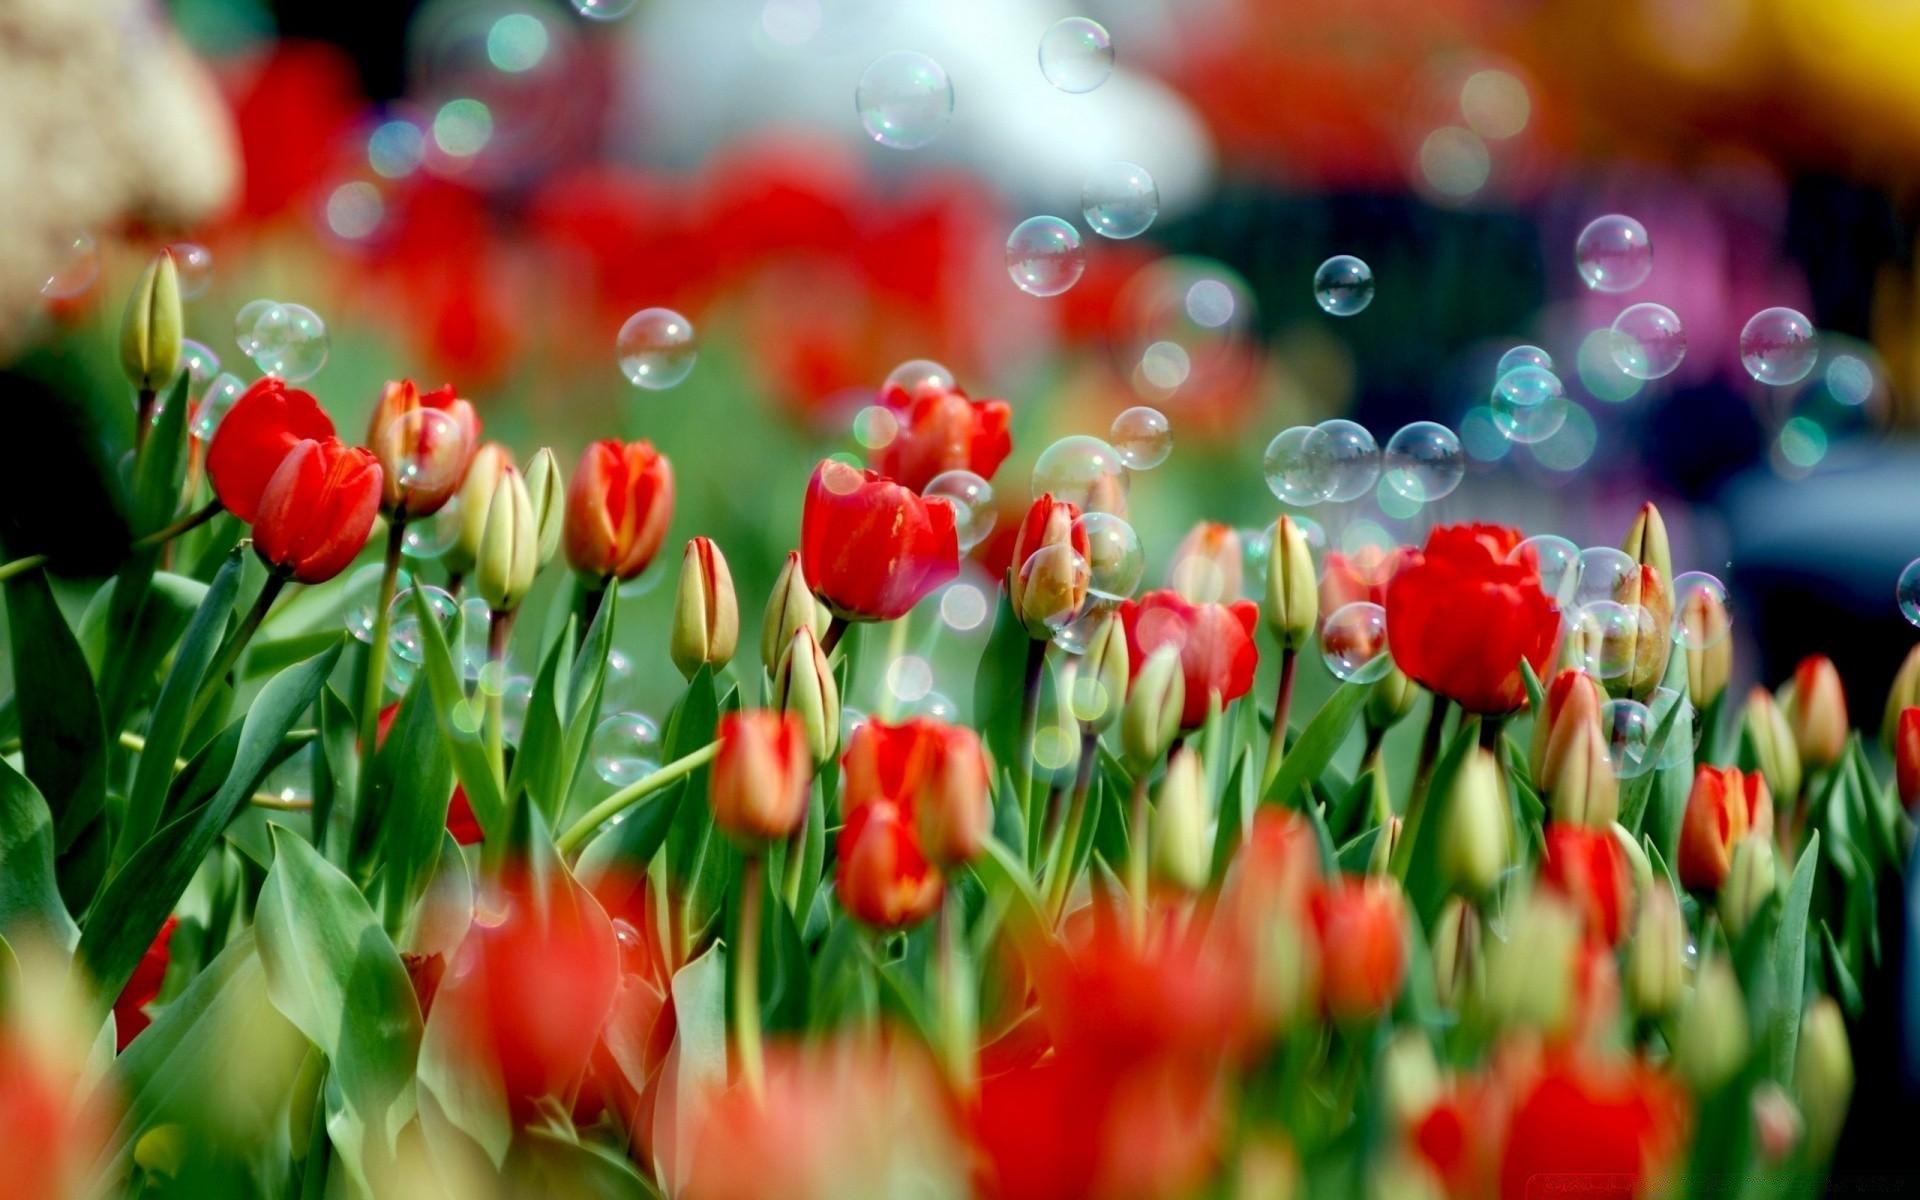 планки могут картинки весна 8 марта на рабочий стол использование хорошего